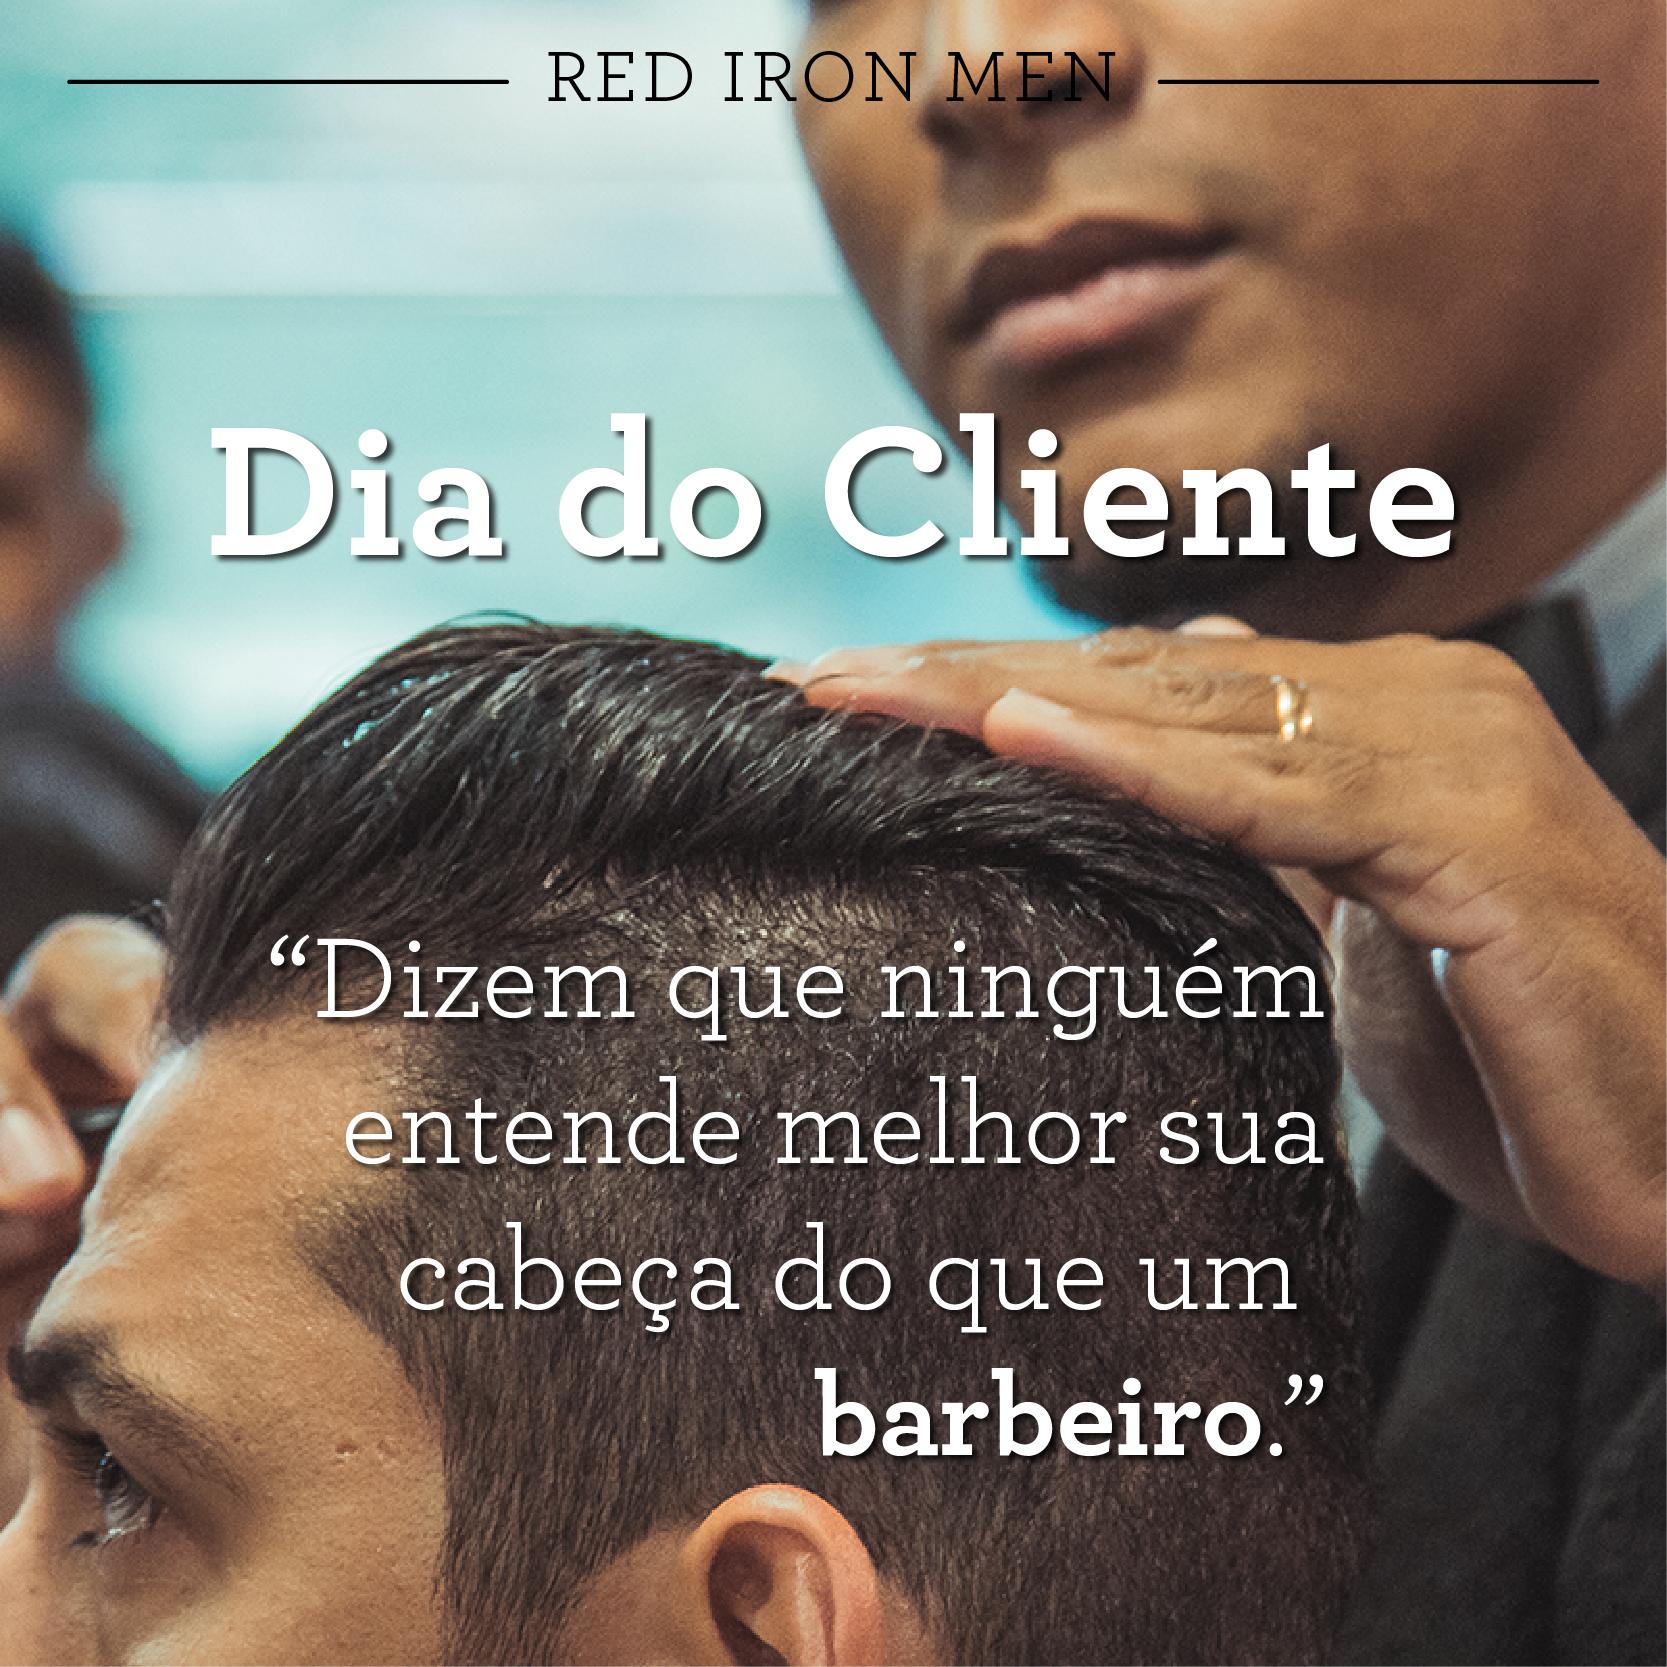 Dia Do Cliente Pelo Barbeiro Frases Pinterest Red